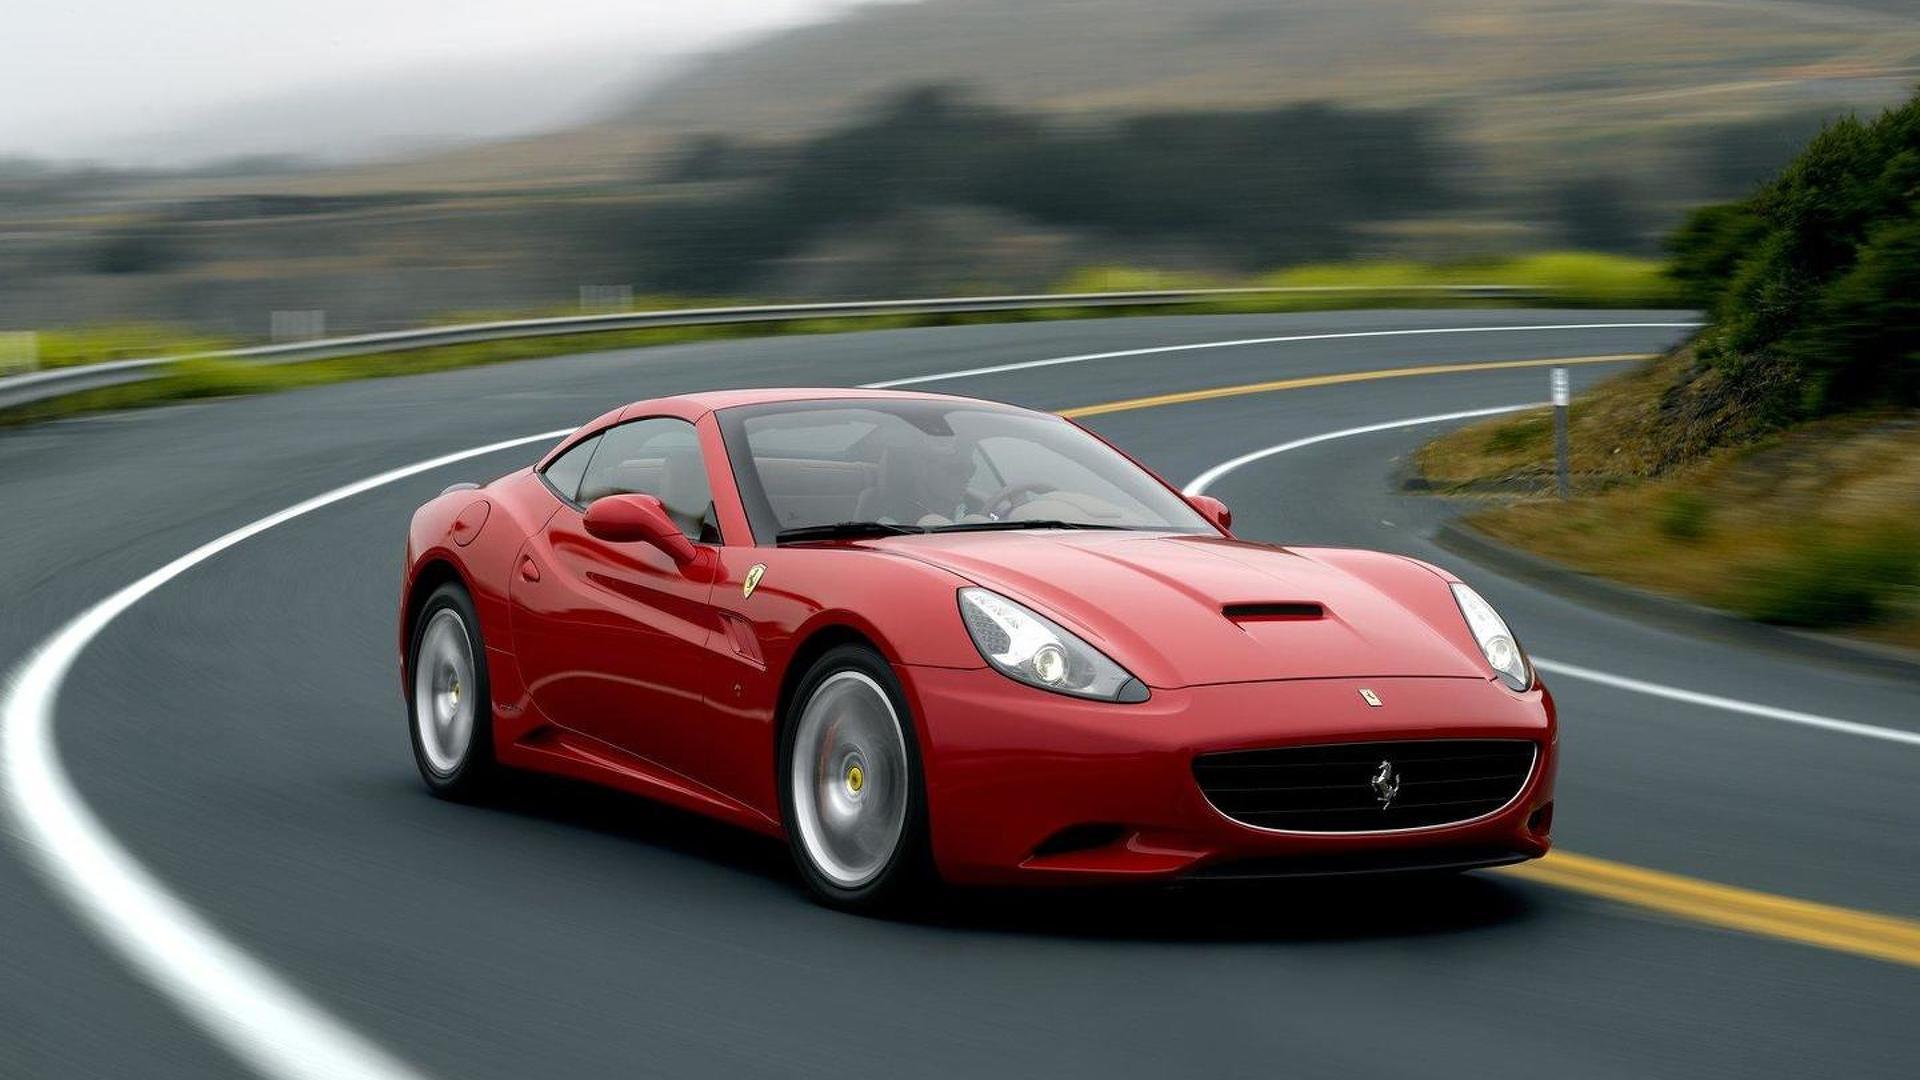 Ferrari recalls California and 458 models